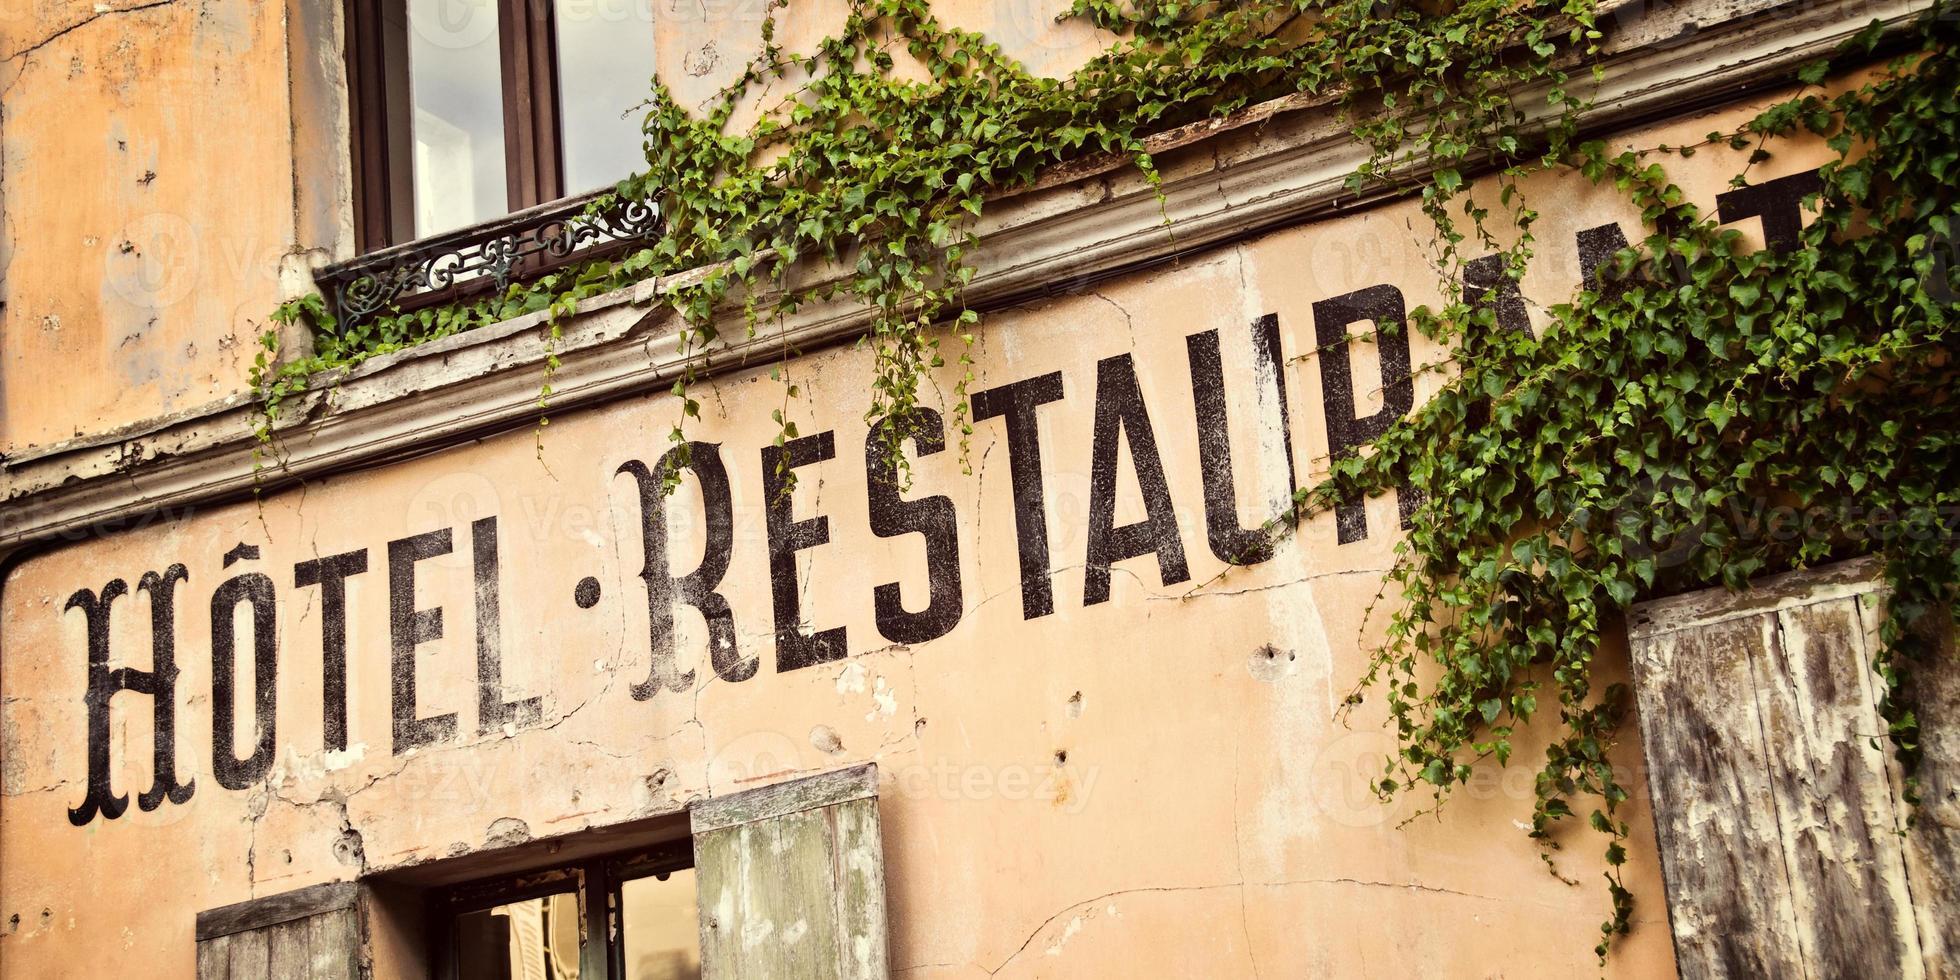 Vintage französisches Hotelschild gemalt auf einem alten Haus foto